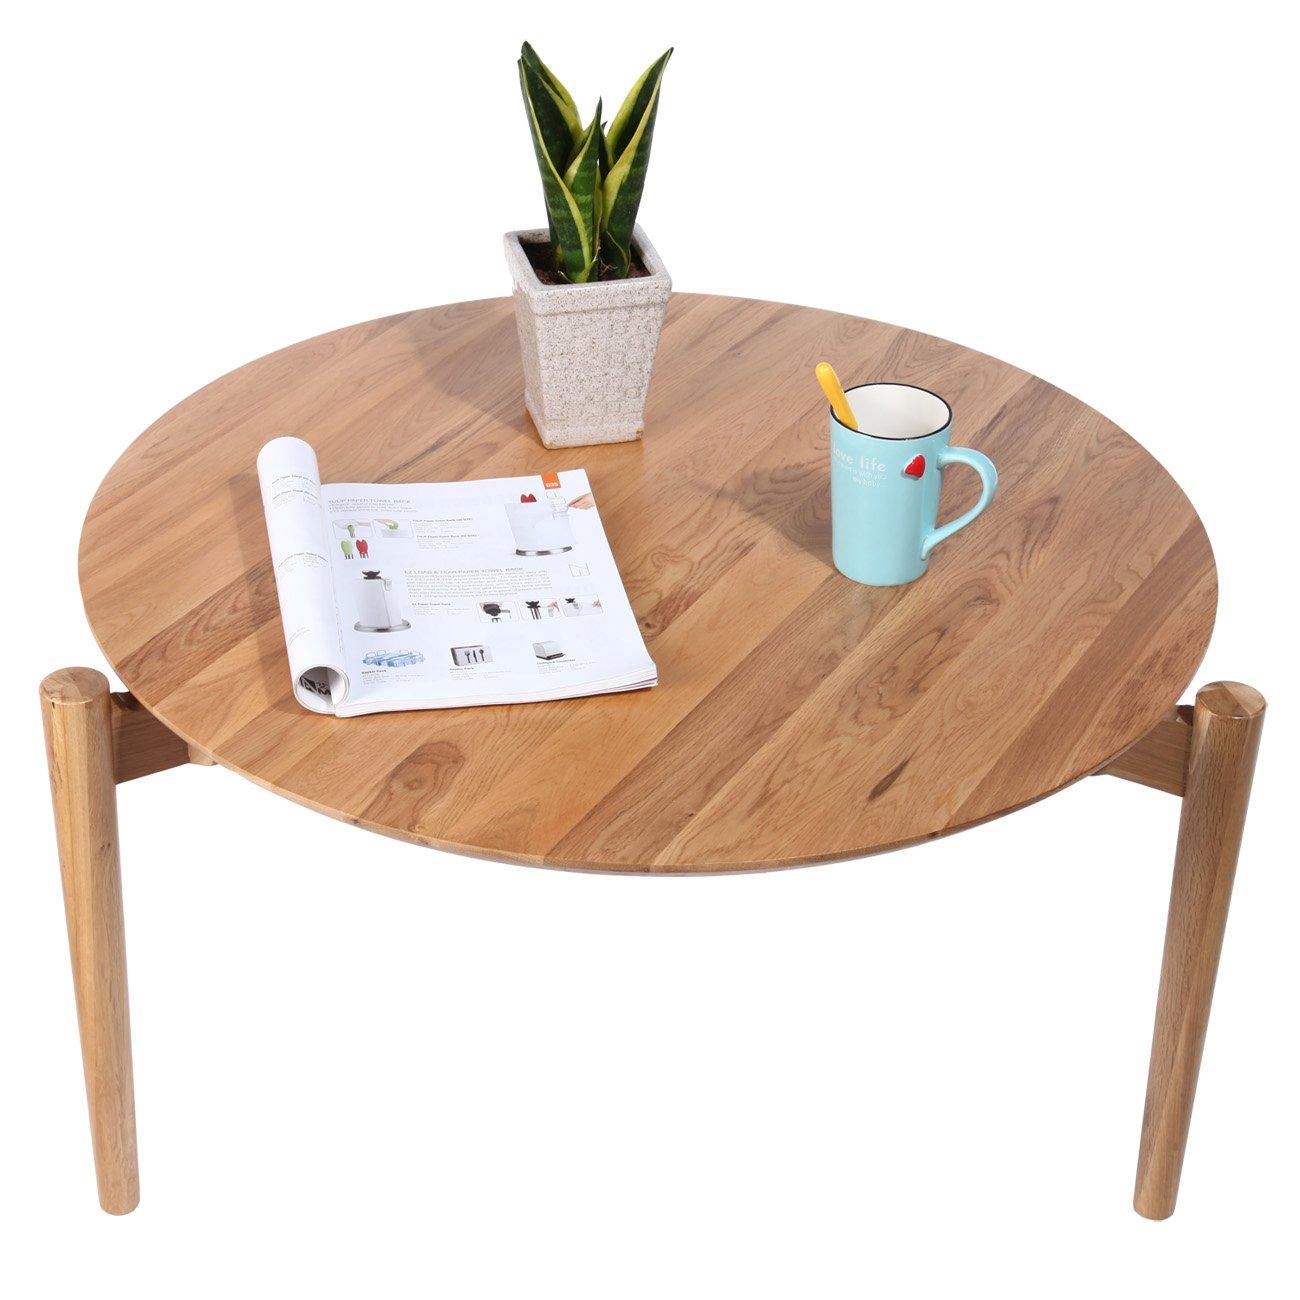 北美进口白橡原木圆桌 全实木咖啡桌 环保硝基漆 自然木纹理 简约北欧